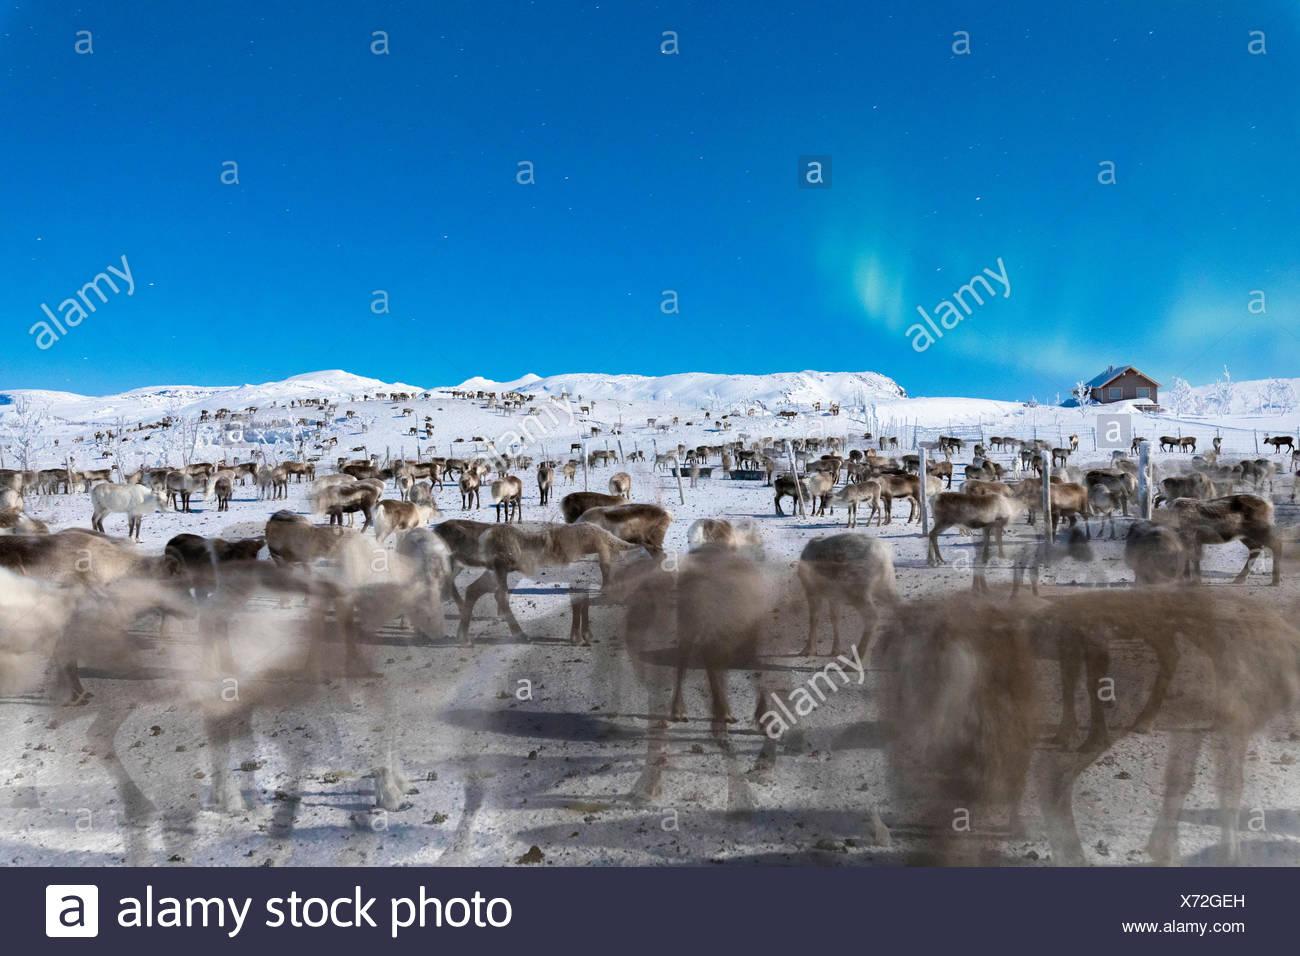 Gregge di renne sotto le luci del nord, abisko, kiruna comune, norrbotten county, Lapponia, Svezia Immagini Stock